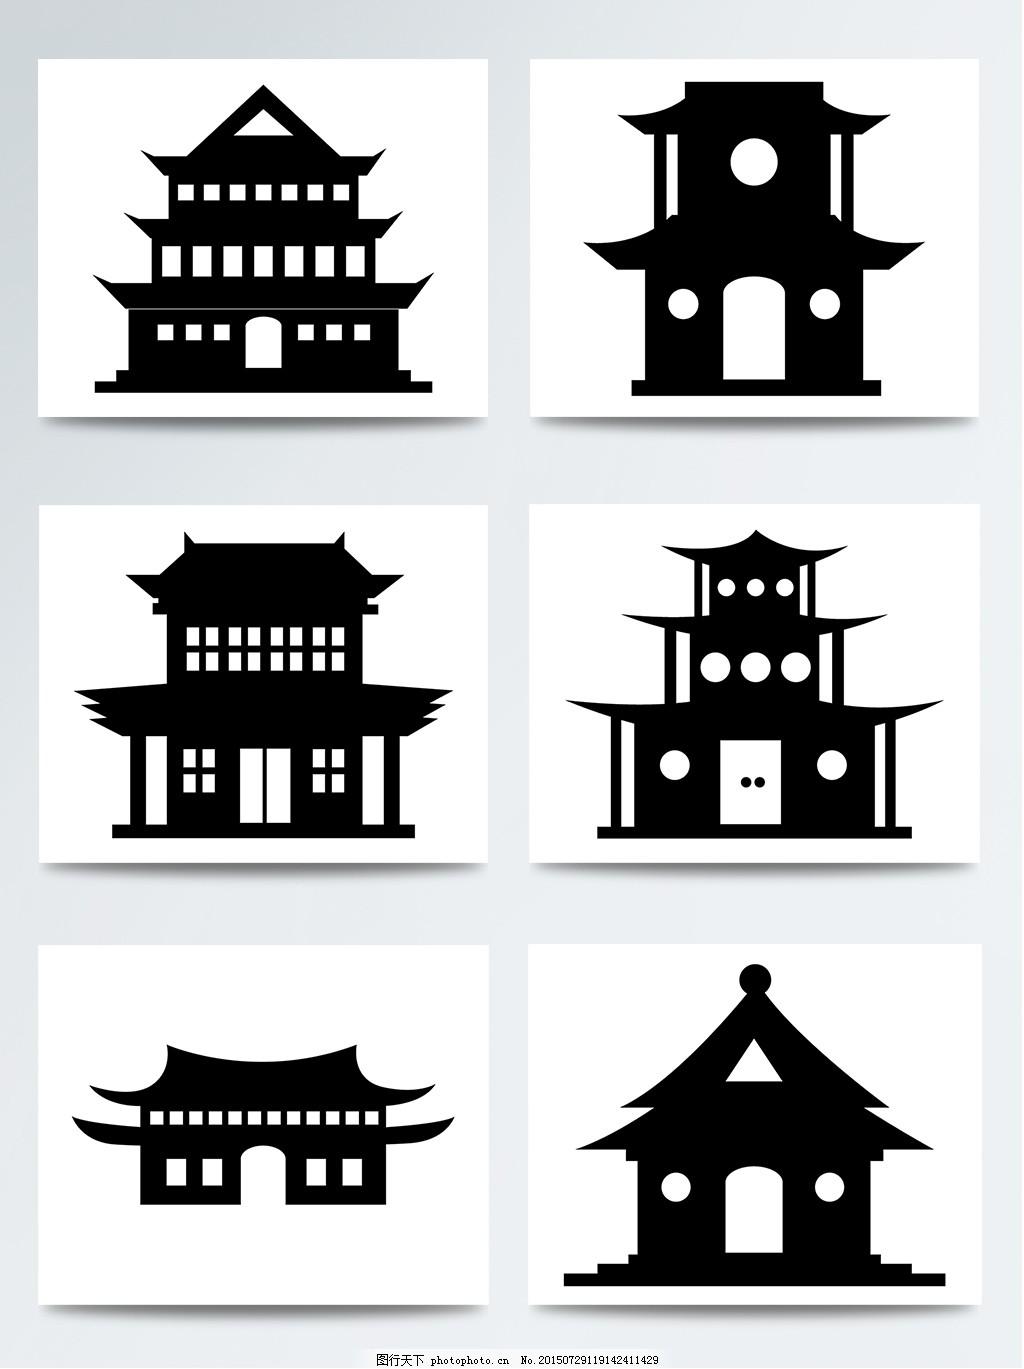 扁平建筑 古代建筑 古建筑 黑色 剪影 简约 建筑 手绘建筑 中式建筑